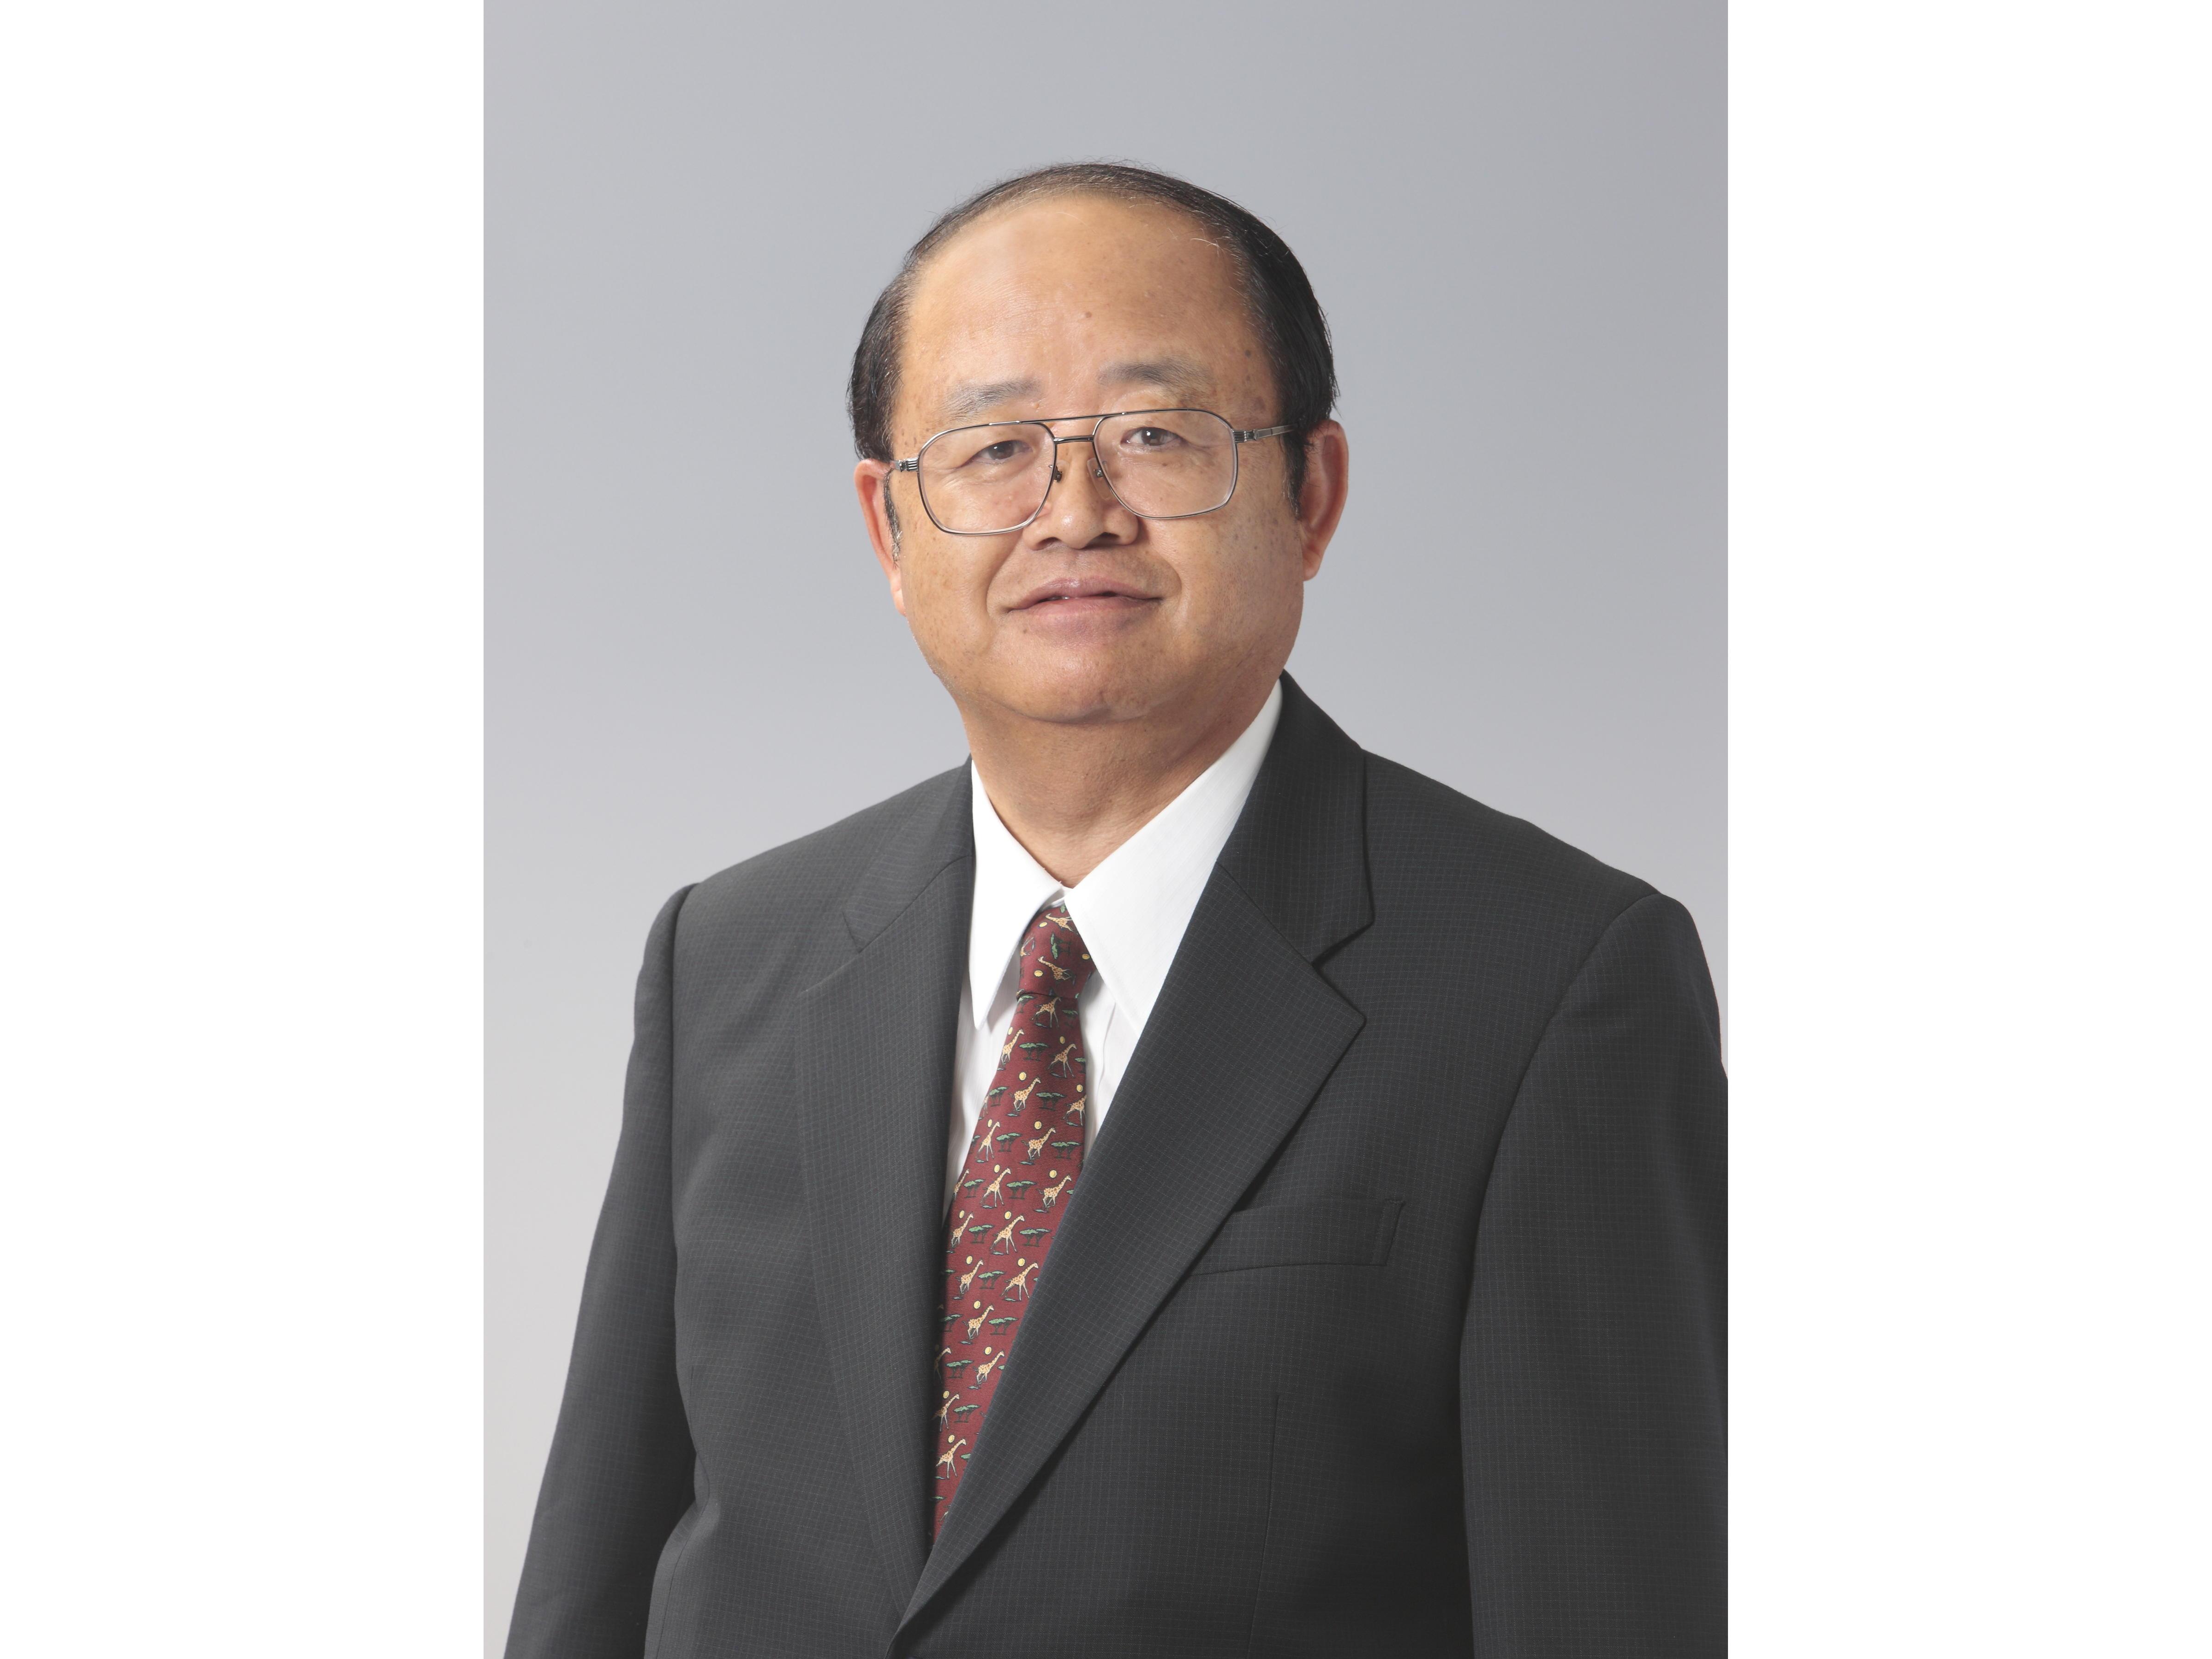 立花貞司理事長